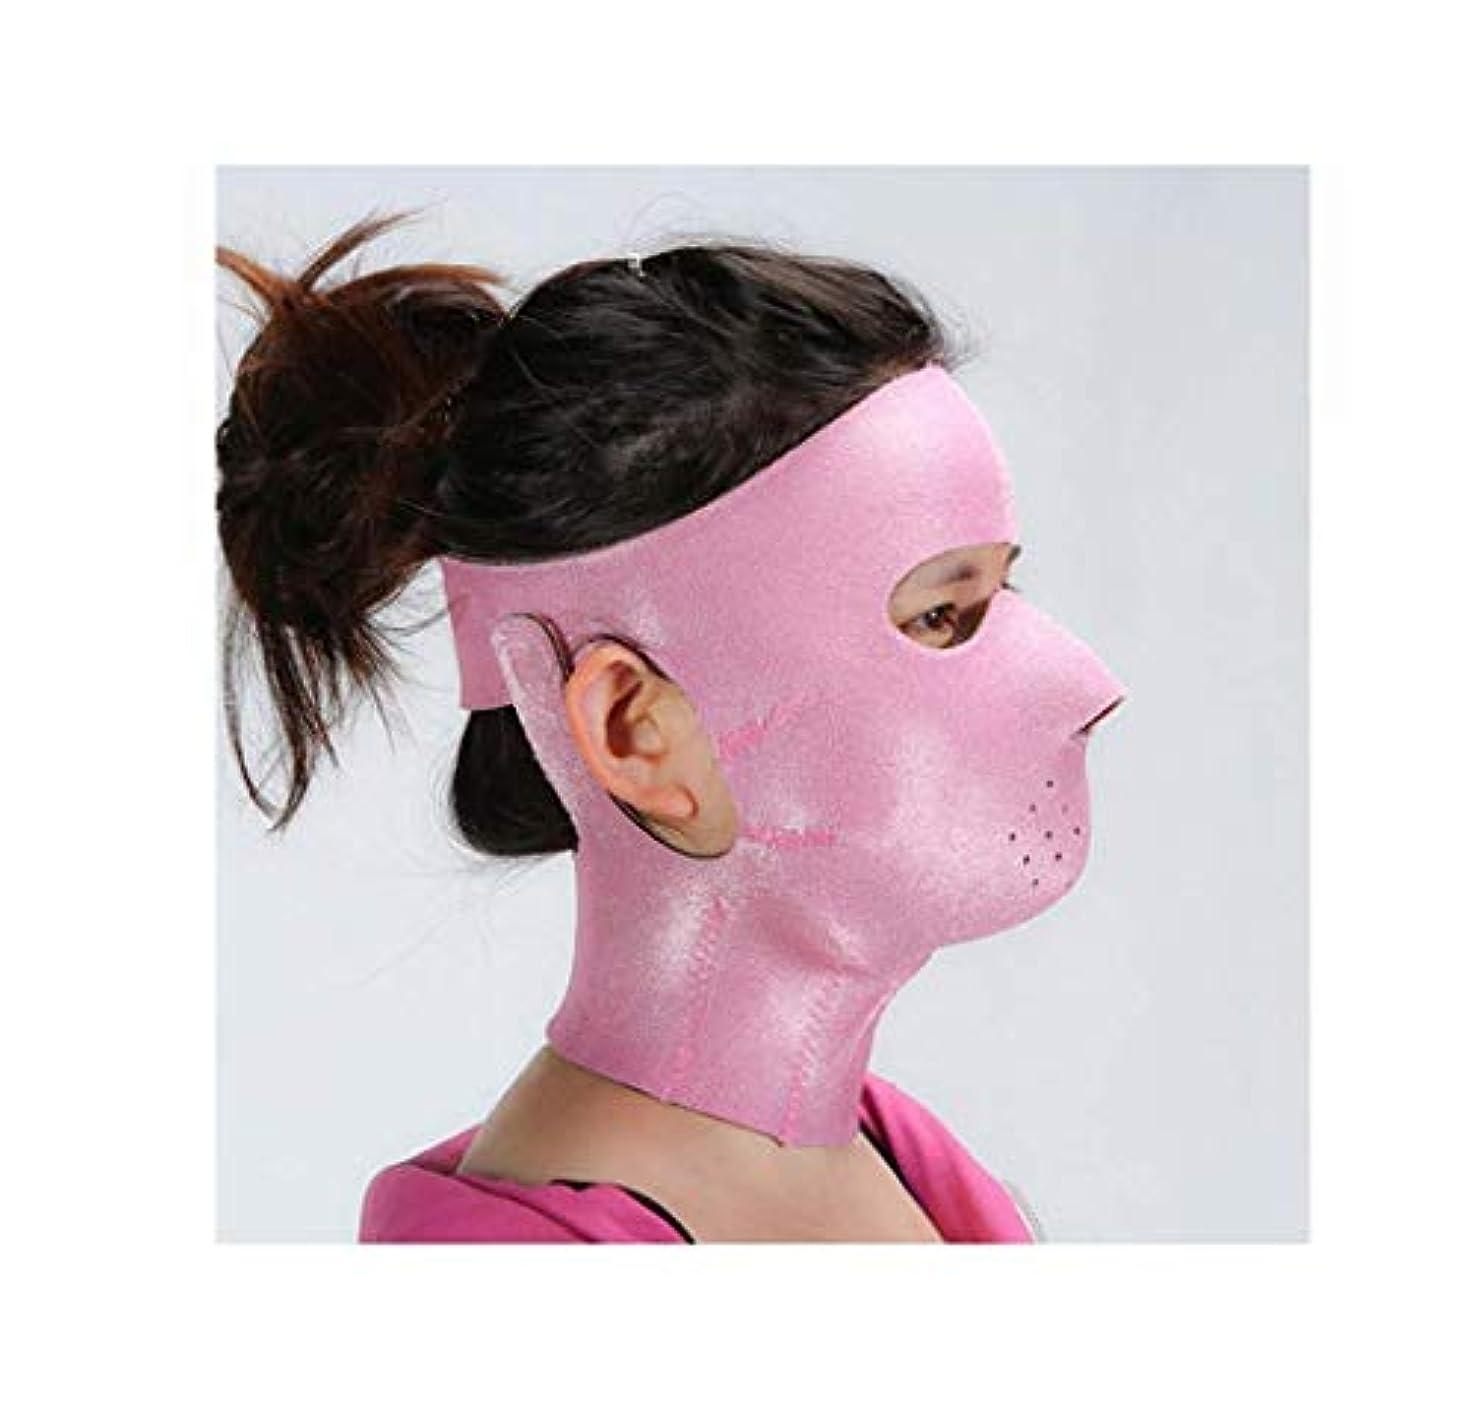 ためらう不可能な赤道フェイスリフトマスク、フェイシャルマスクプラス薄いフェイスマスクタイトなたるみの薄いフェイスマスクフェイシャル薄いフェイスマスクアーティファクトビューティーネックストラップ付き